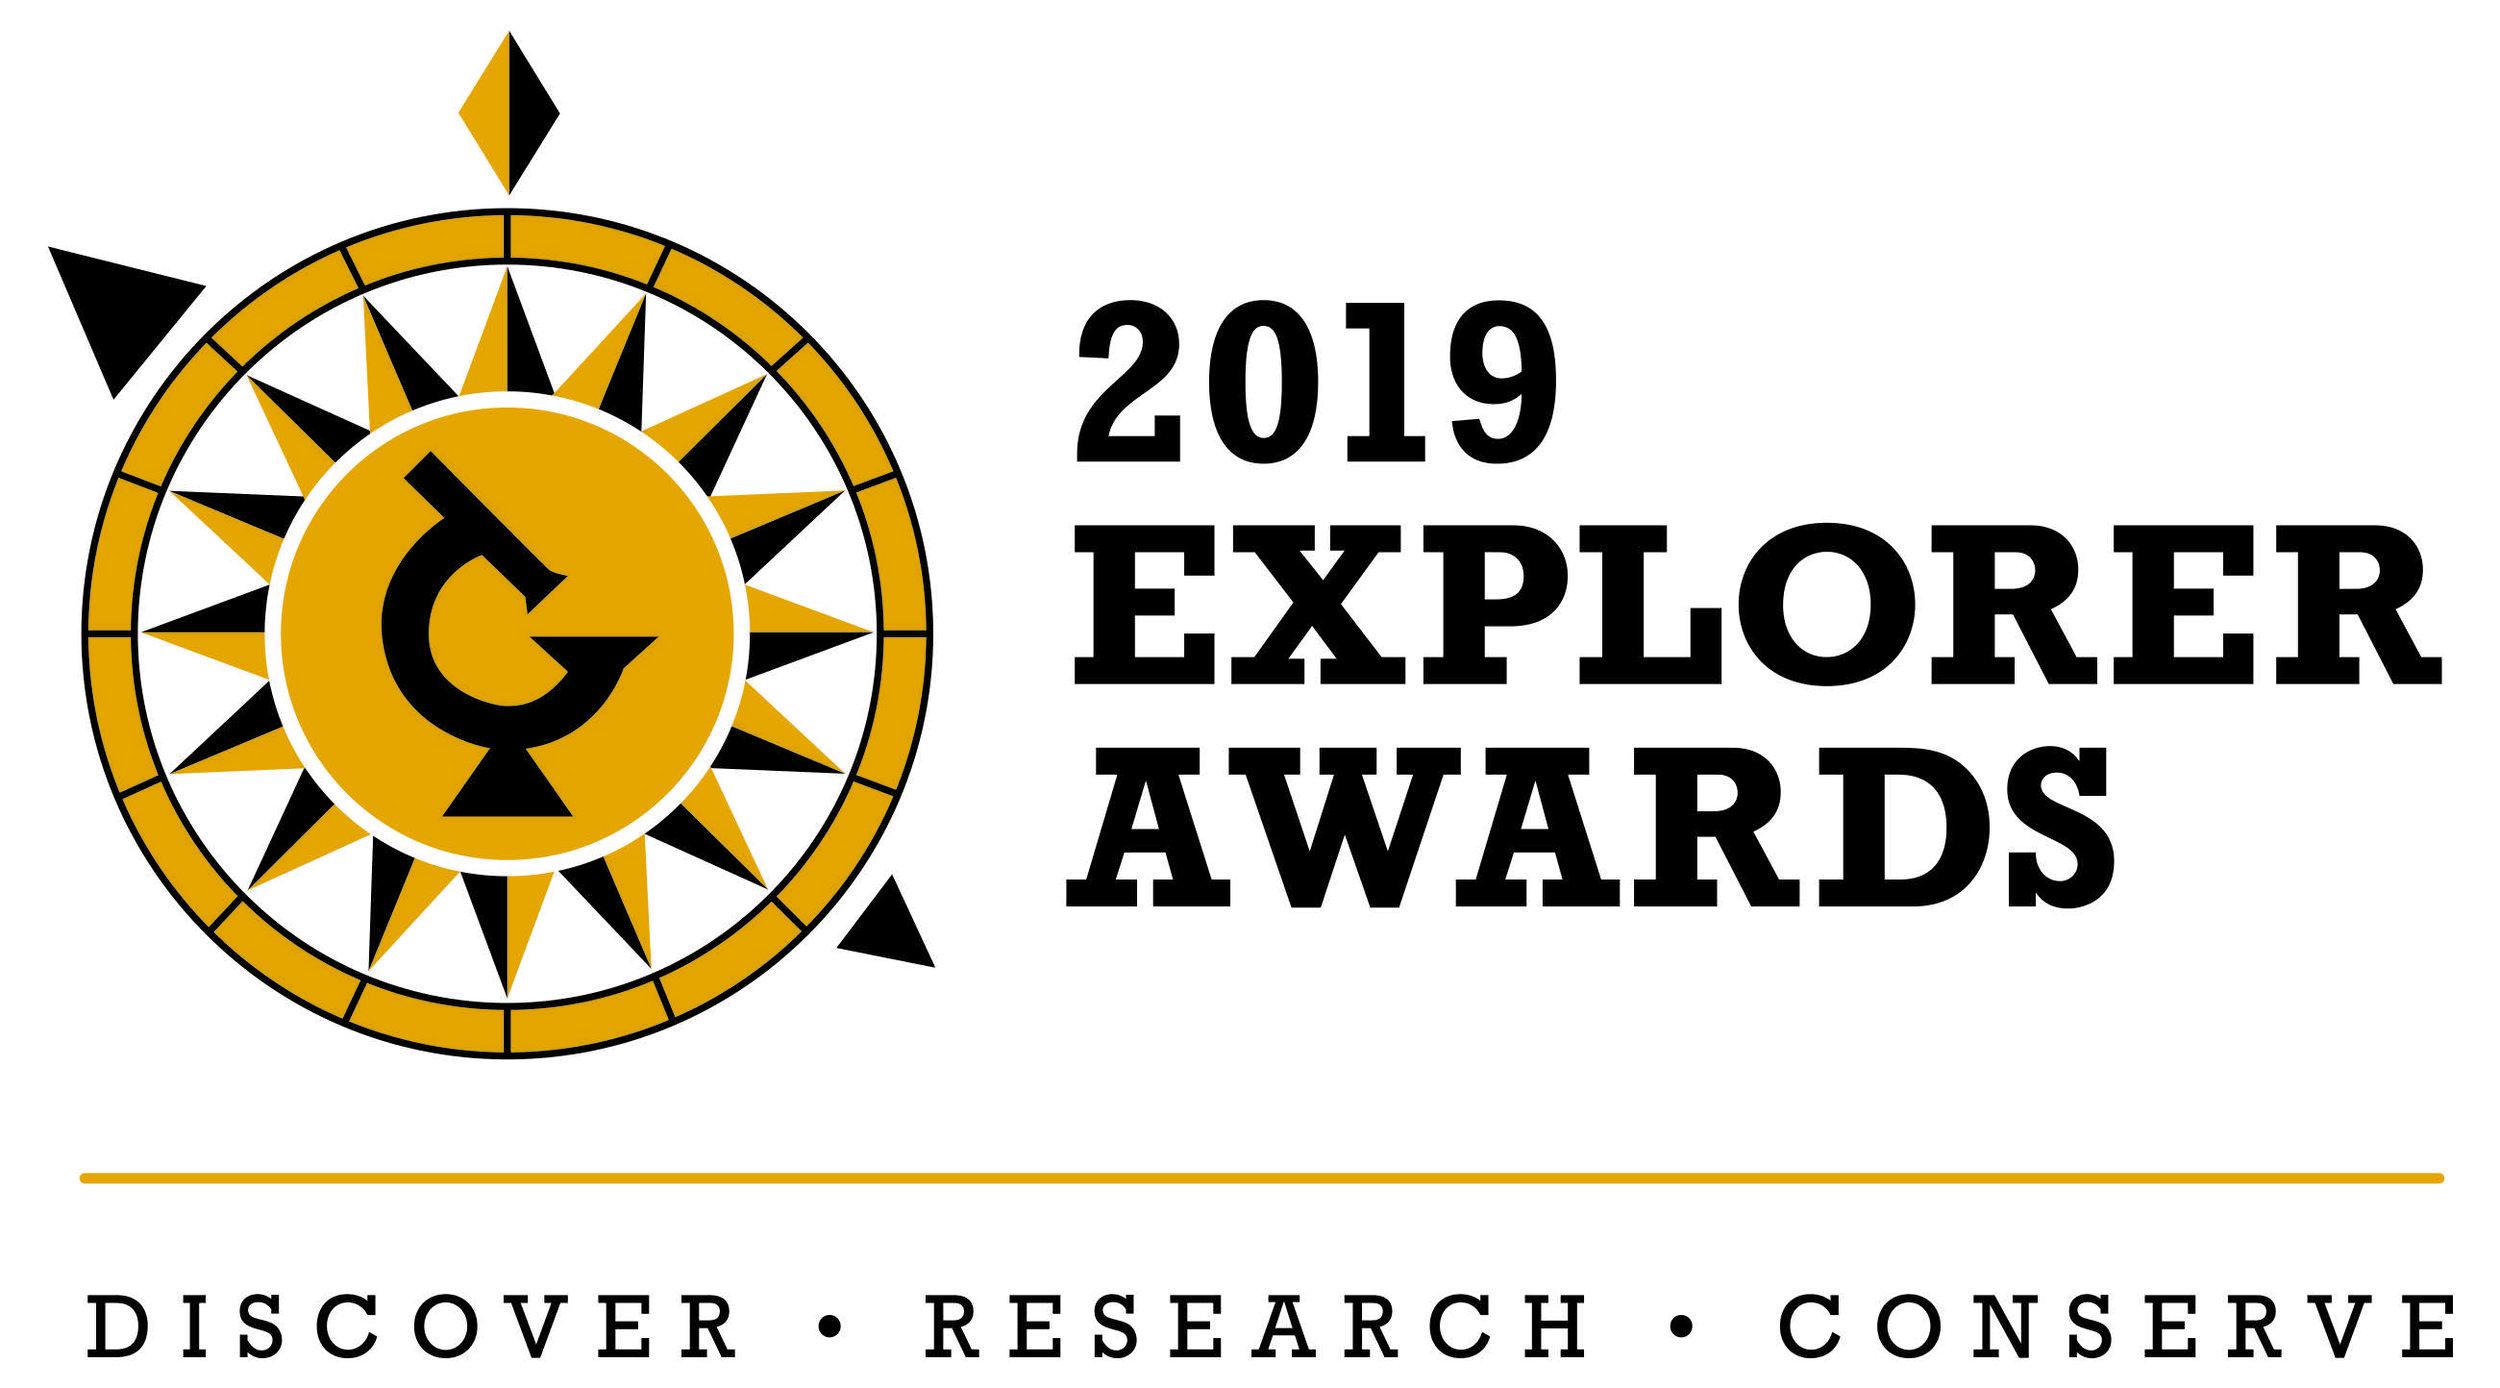 SES_Award_logo_LR.jpg